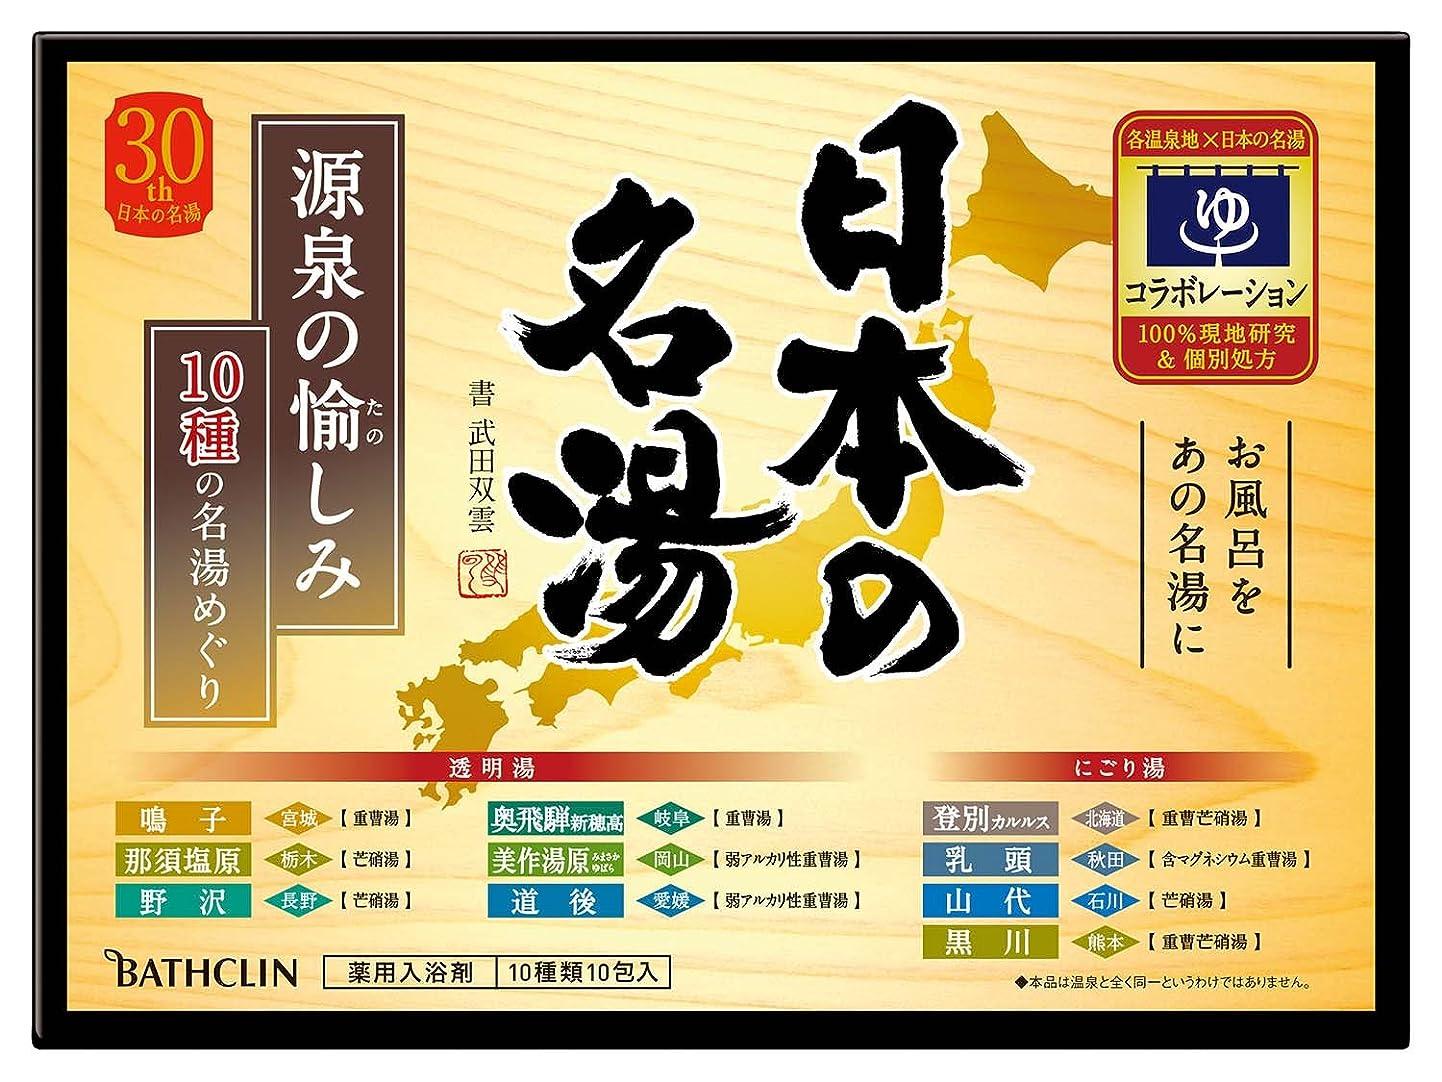 無視驚くべきイタリアの【医薬部外品】日本の名湯入浴剤 源泉の愉しみ 30g ×10包 個包装 詰め合わせ 温泉タイプ